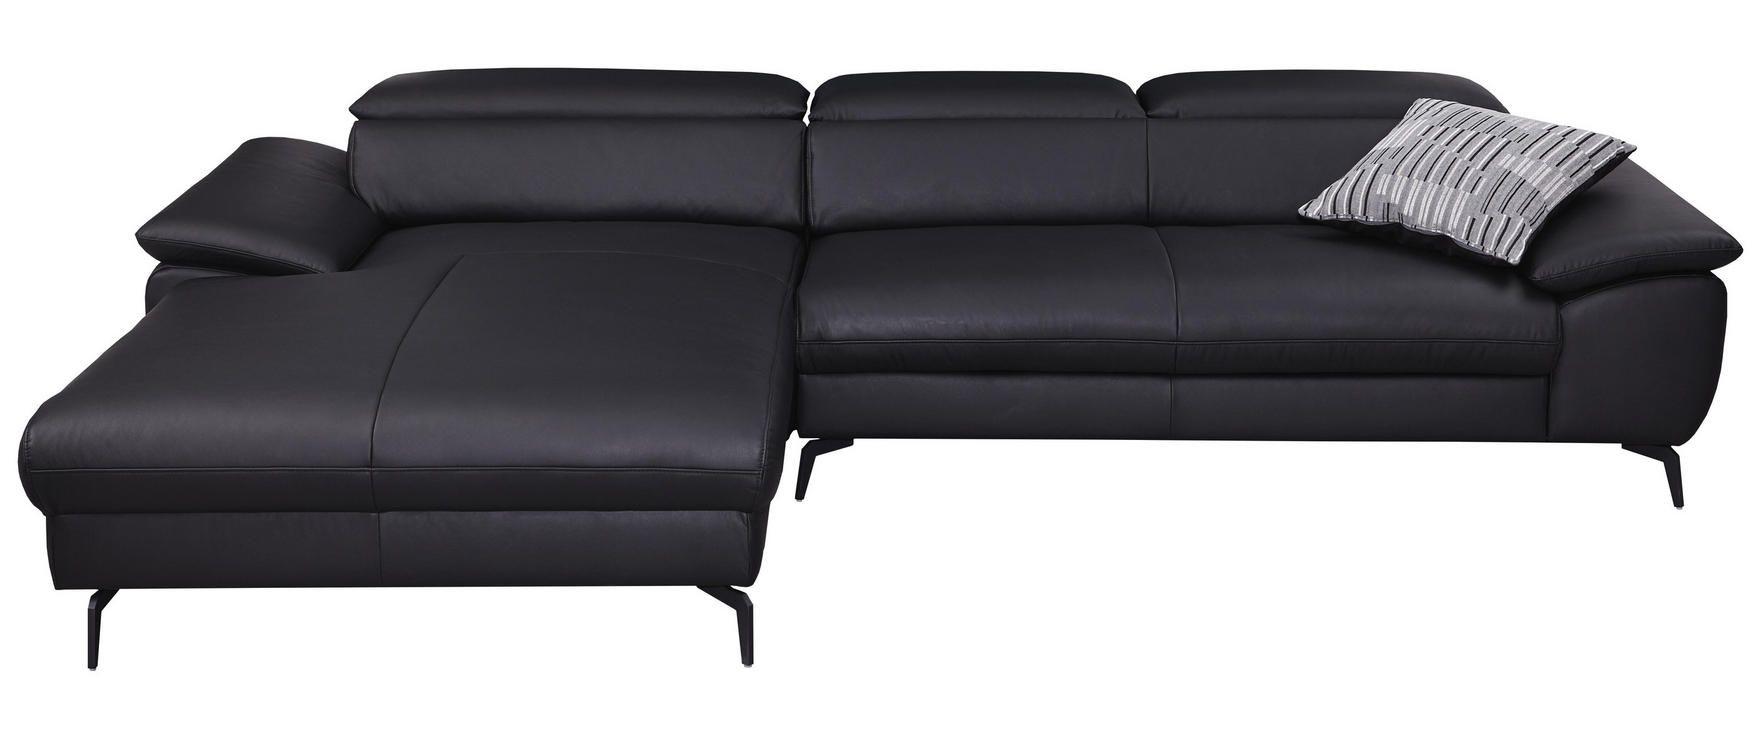 Wohnlandschaft In Leder Schwarz Schwarz Design Leder Metall 195 297cm Chilliano Couch Leder Wohnlandschaft Wohnen